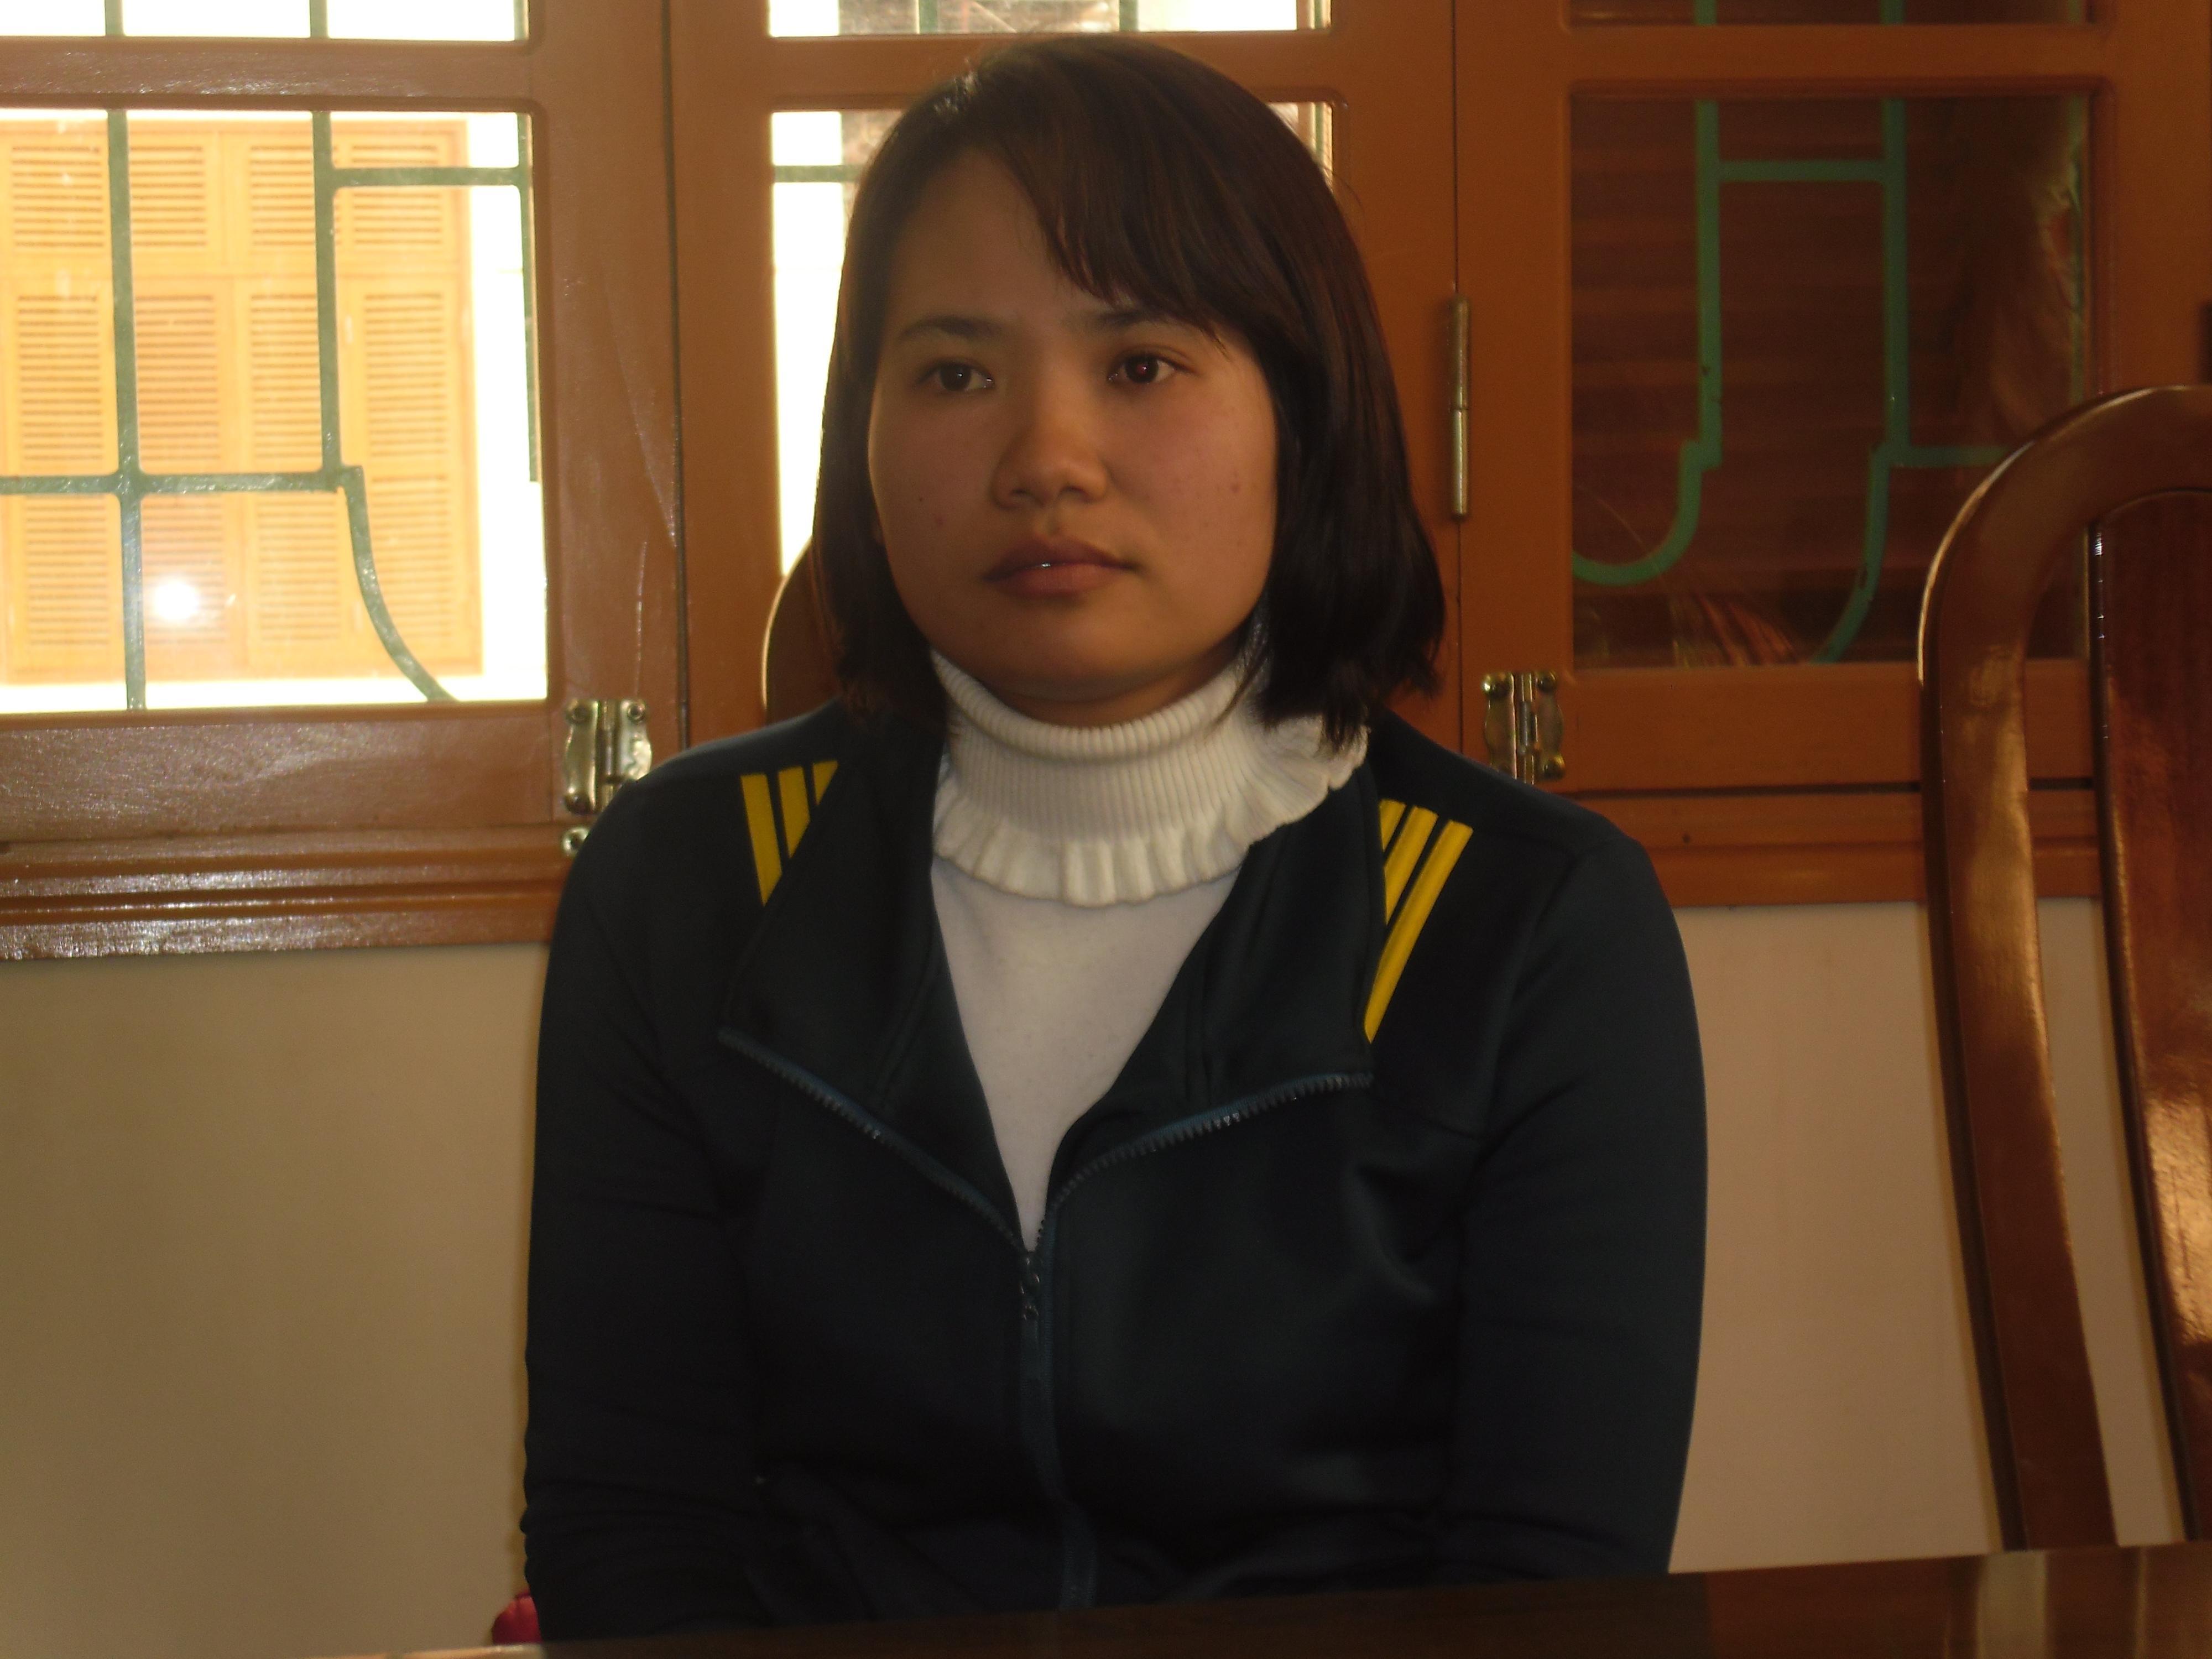 Vụ cô giáo mầm non ở Thủy Nguyên xử phạt quá tay bé 4 tuổi: Sẽ cho nghỉ việc nếu cô giáo sai 1